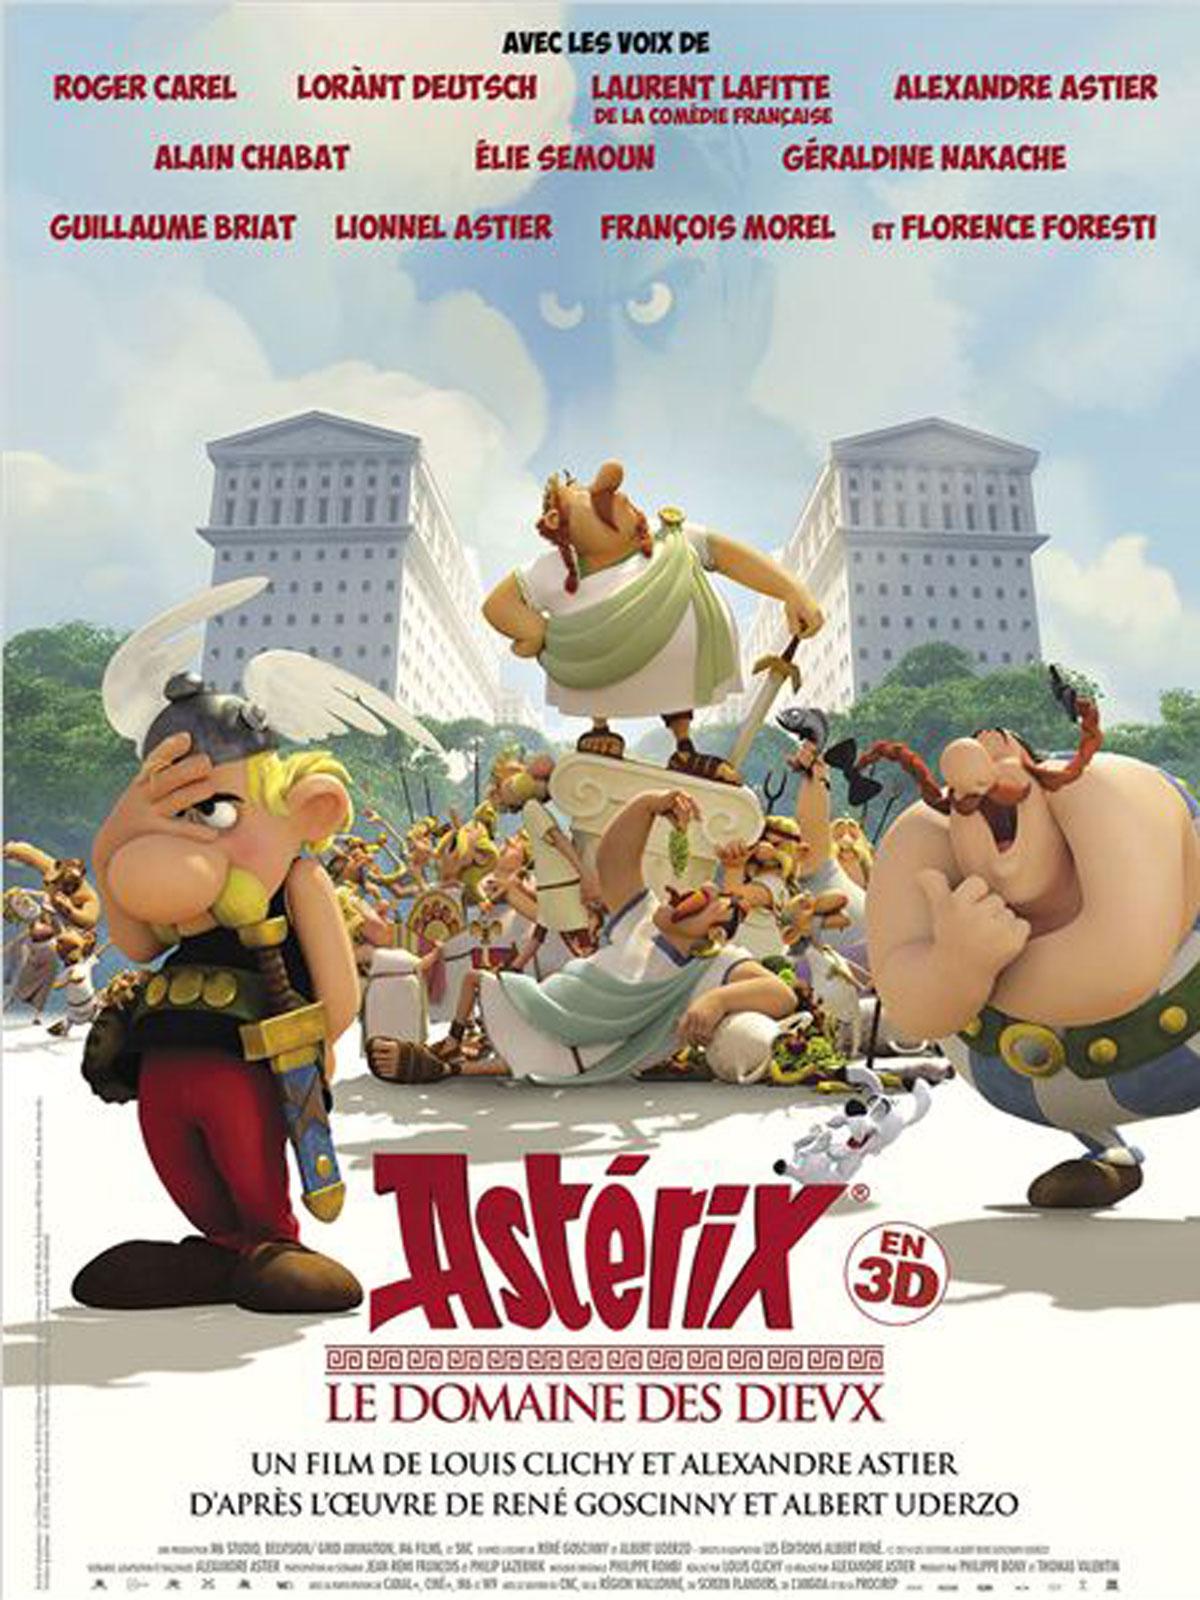 Affiche du film Astérix - Le domaine des dieux / ressource médiathèque départementale de l'Isère